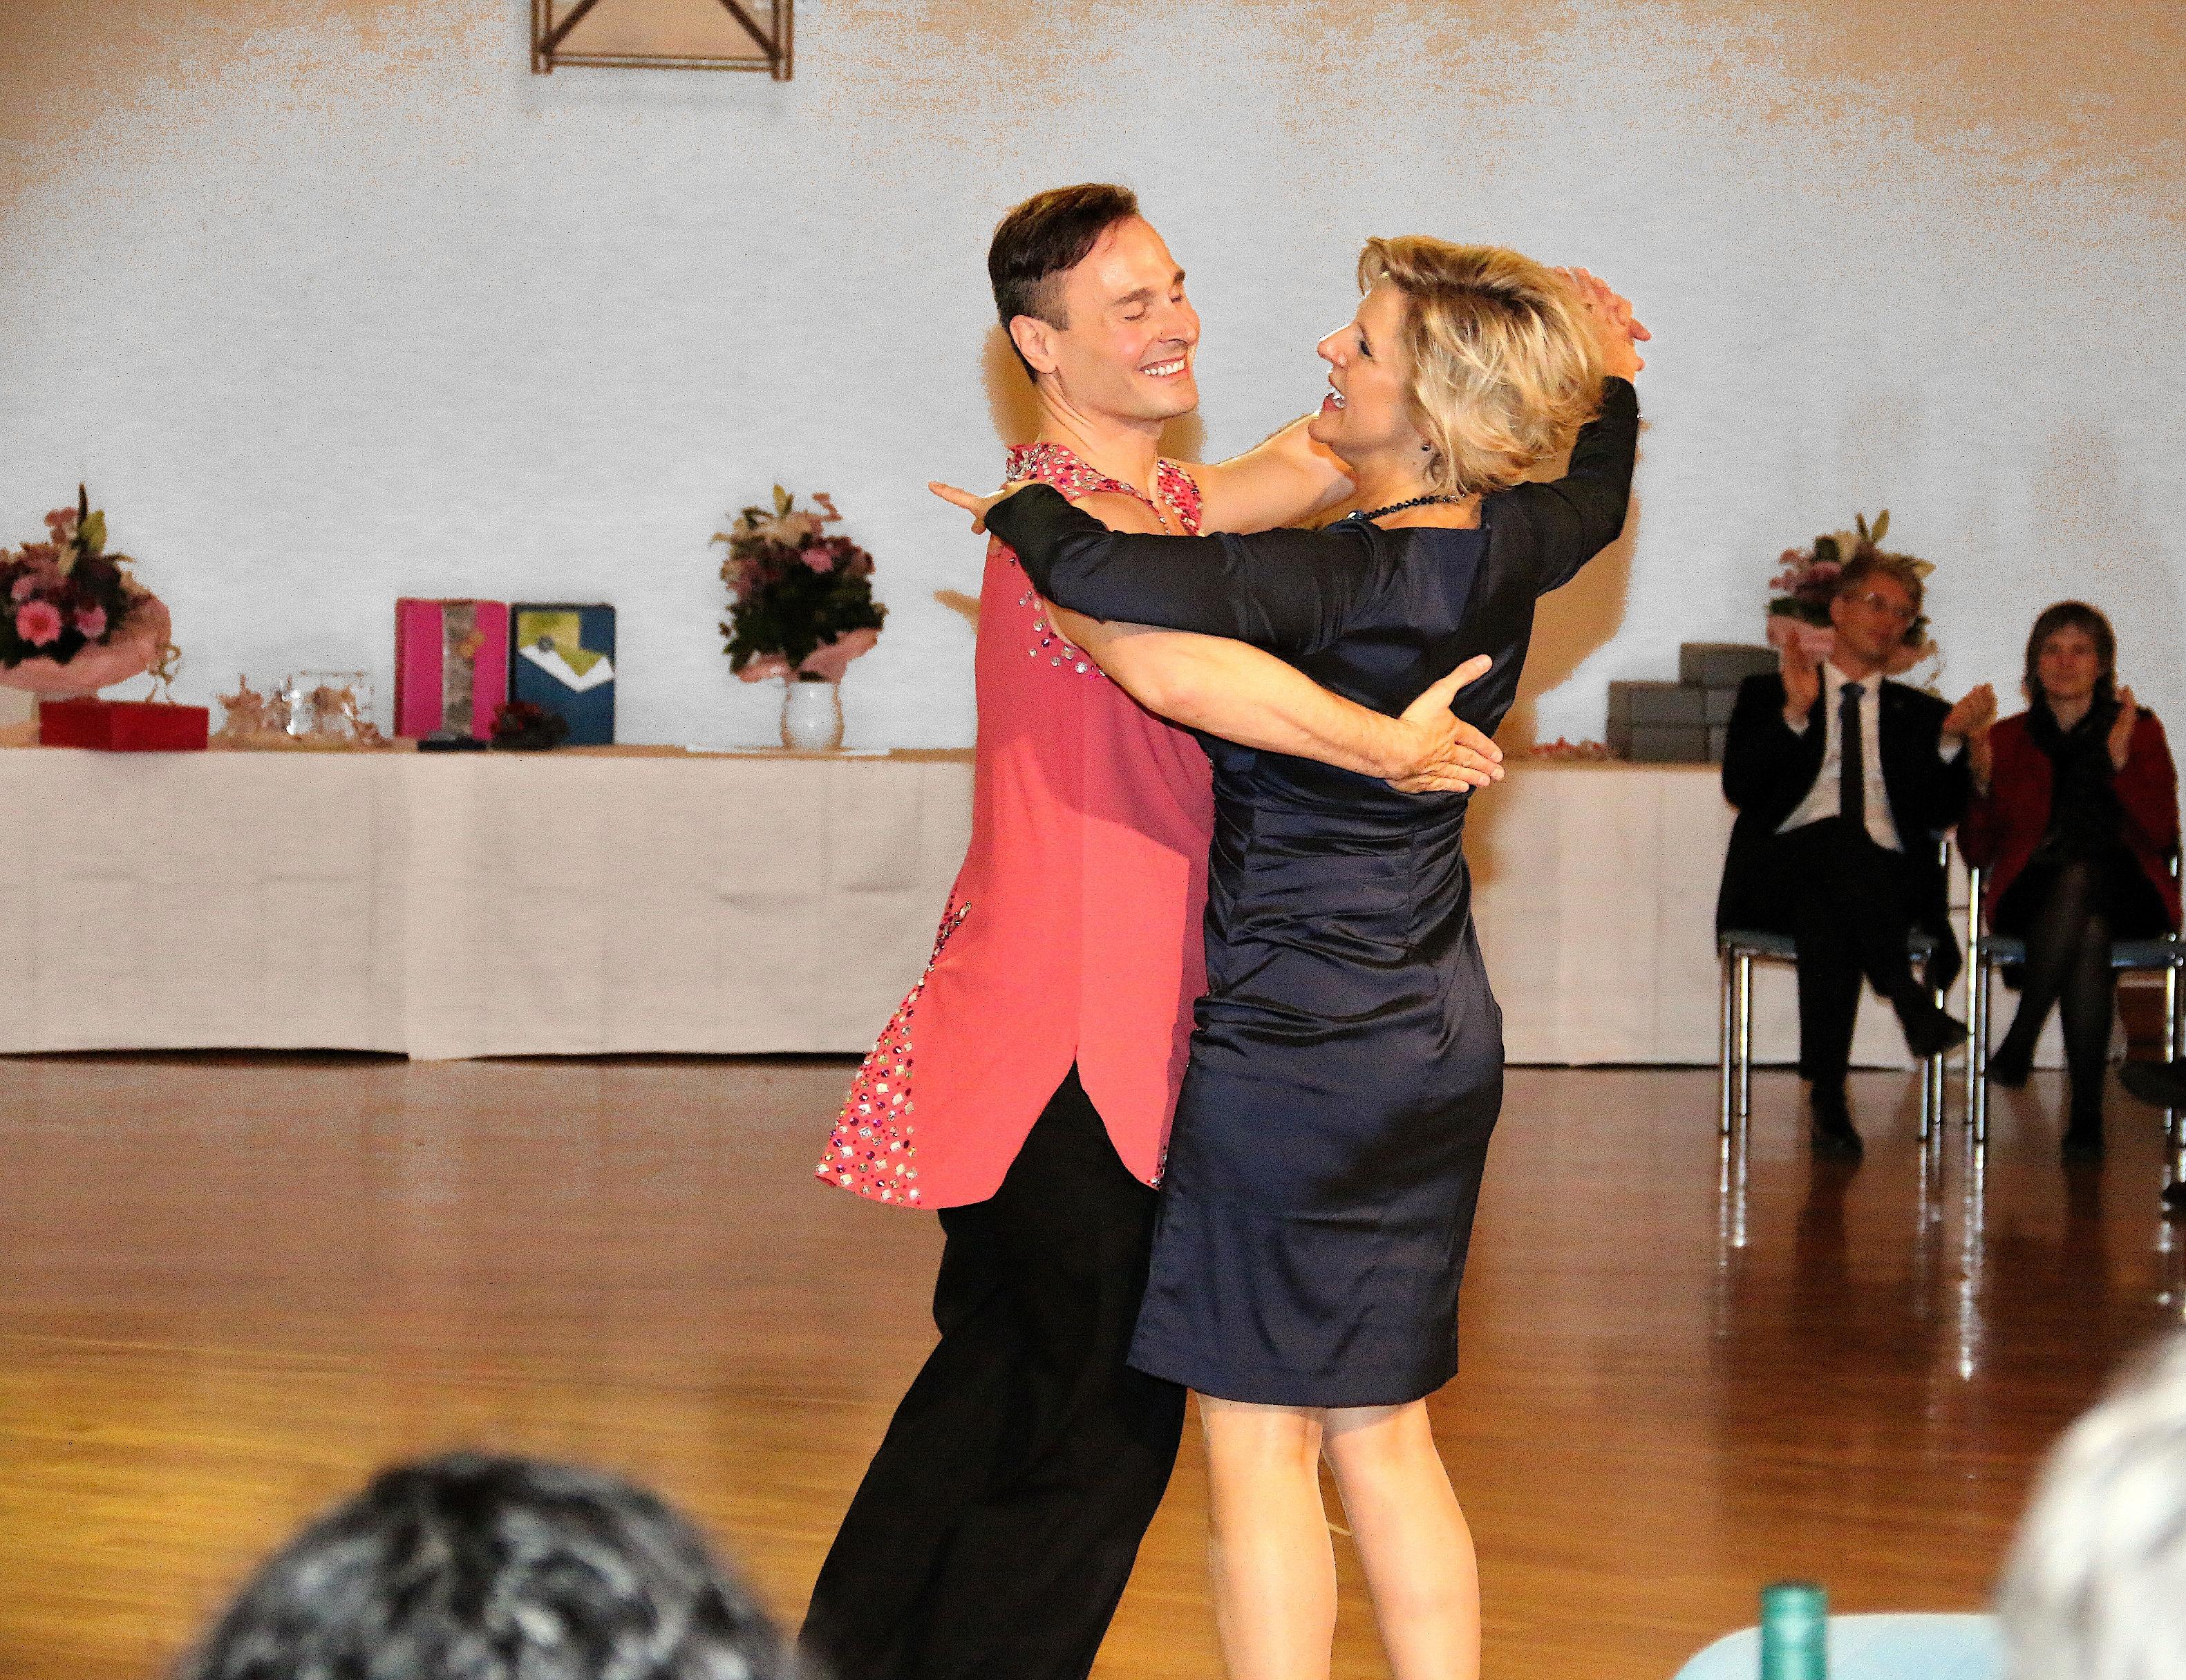 Dancing-6926